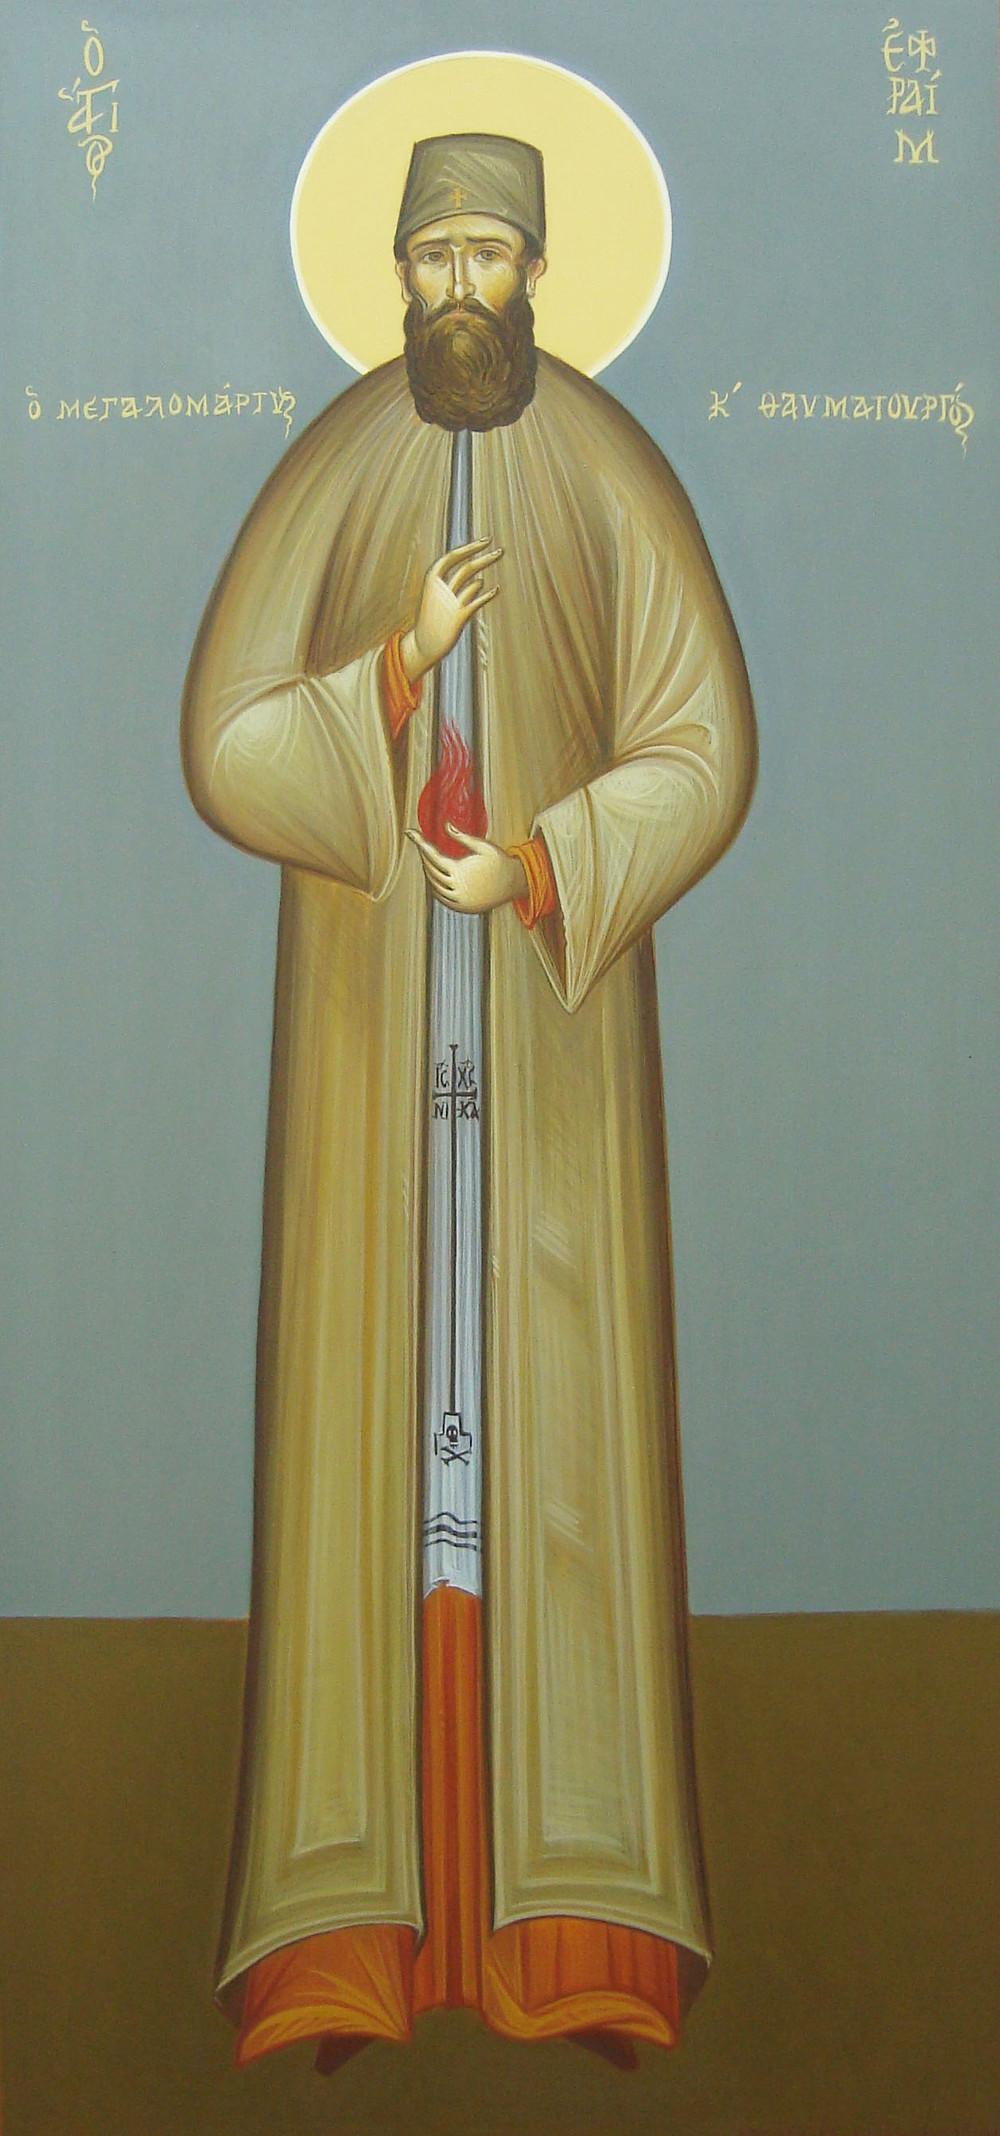 Ο Άγιος Εφραίμ από την καλλιτέχνιδα Αποστολία Κιοκμένογλου